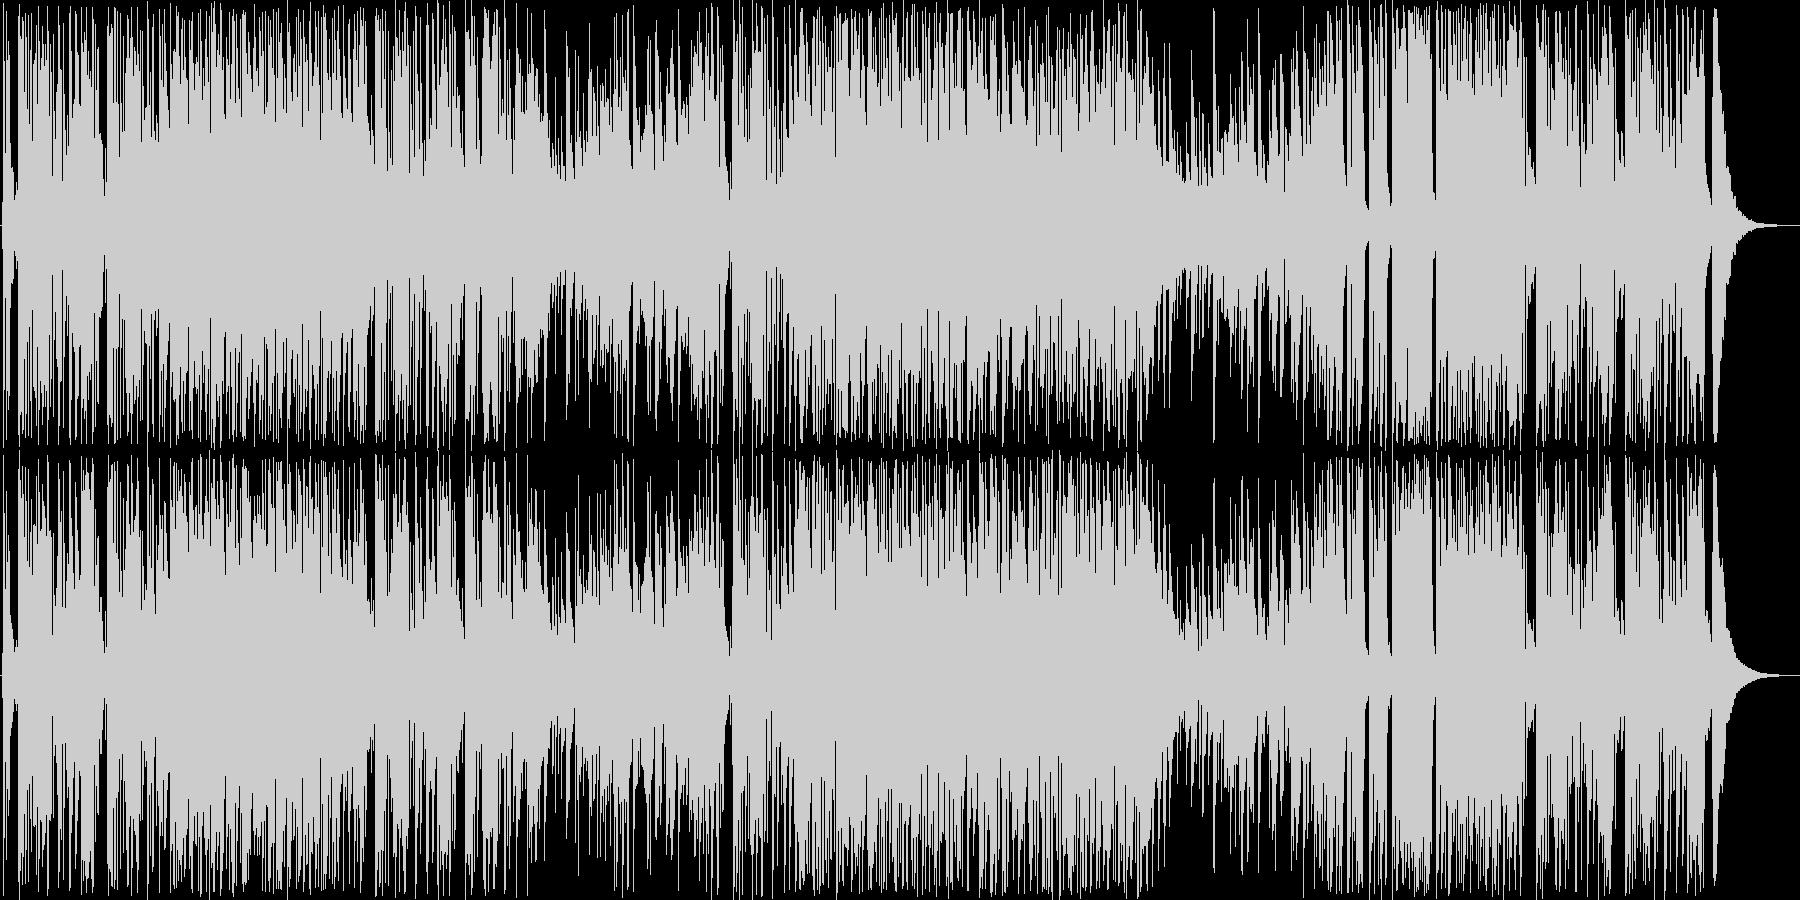 チョイ悪風なジャズテイストな曲の未再生の波形